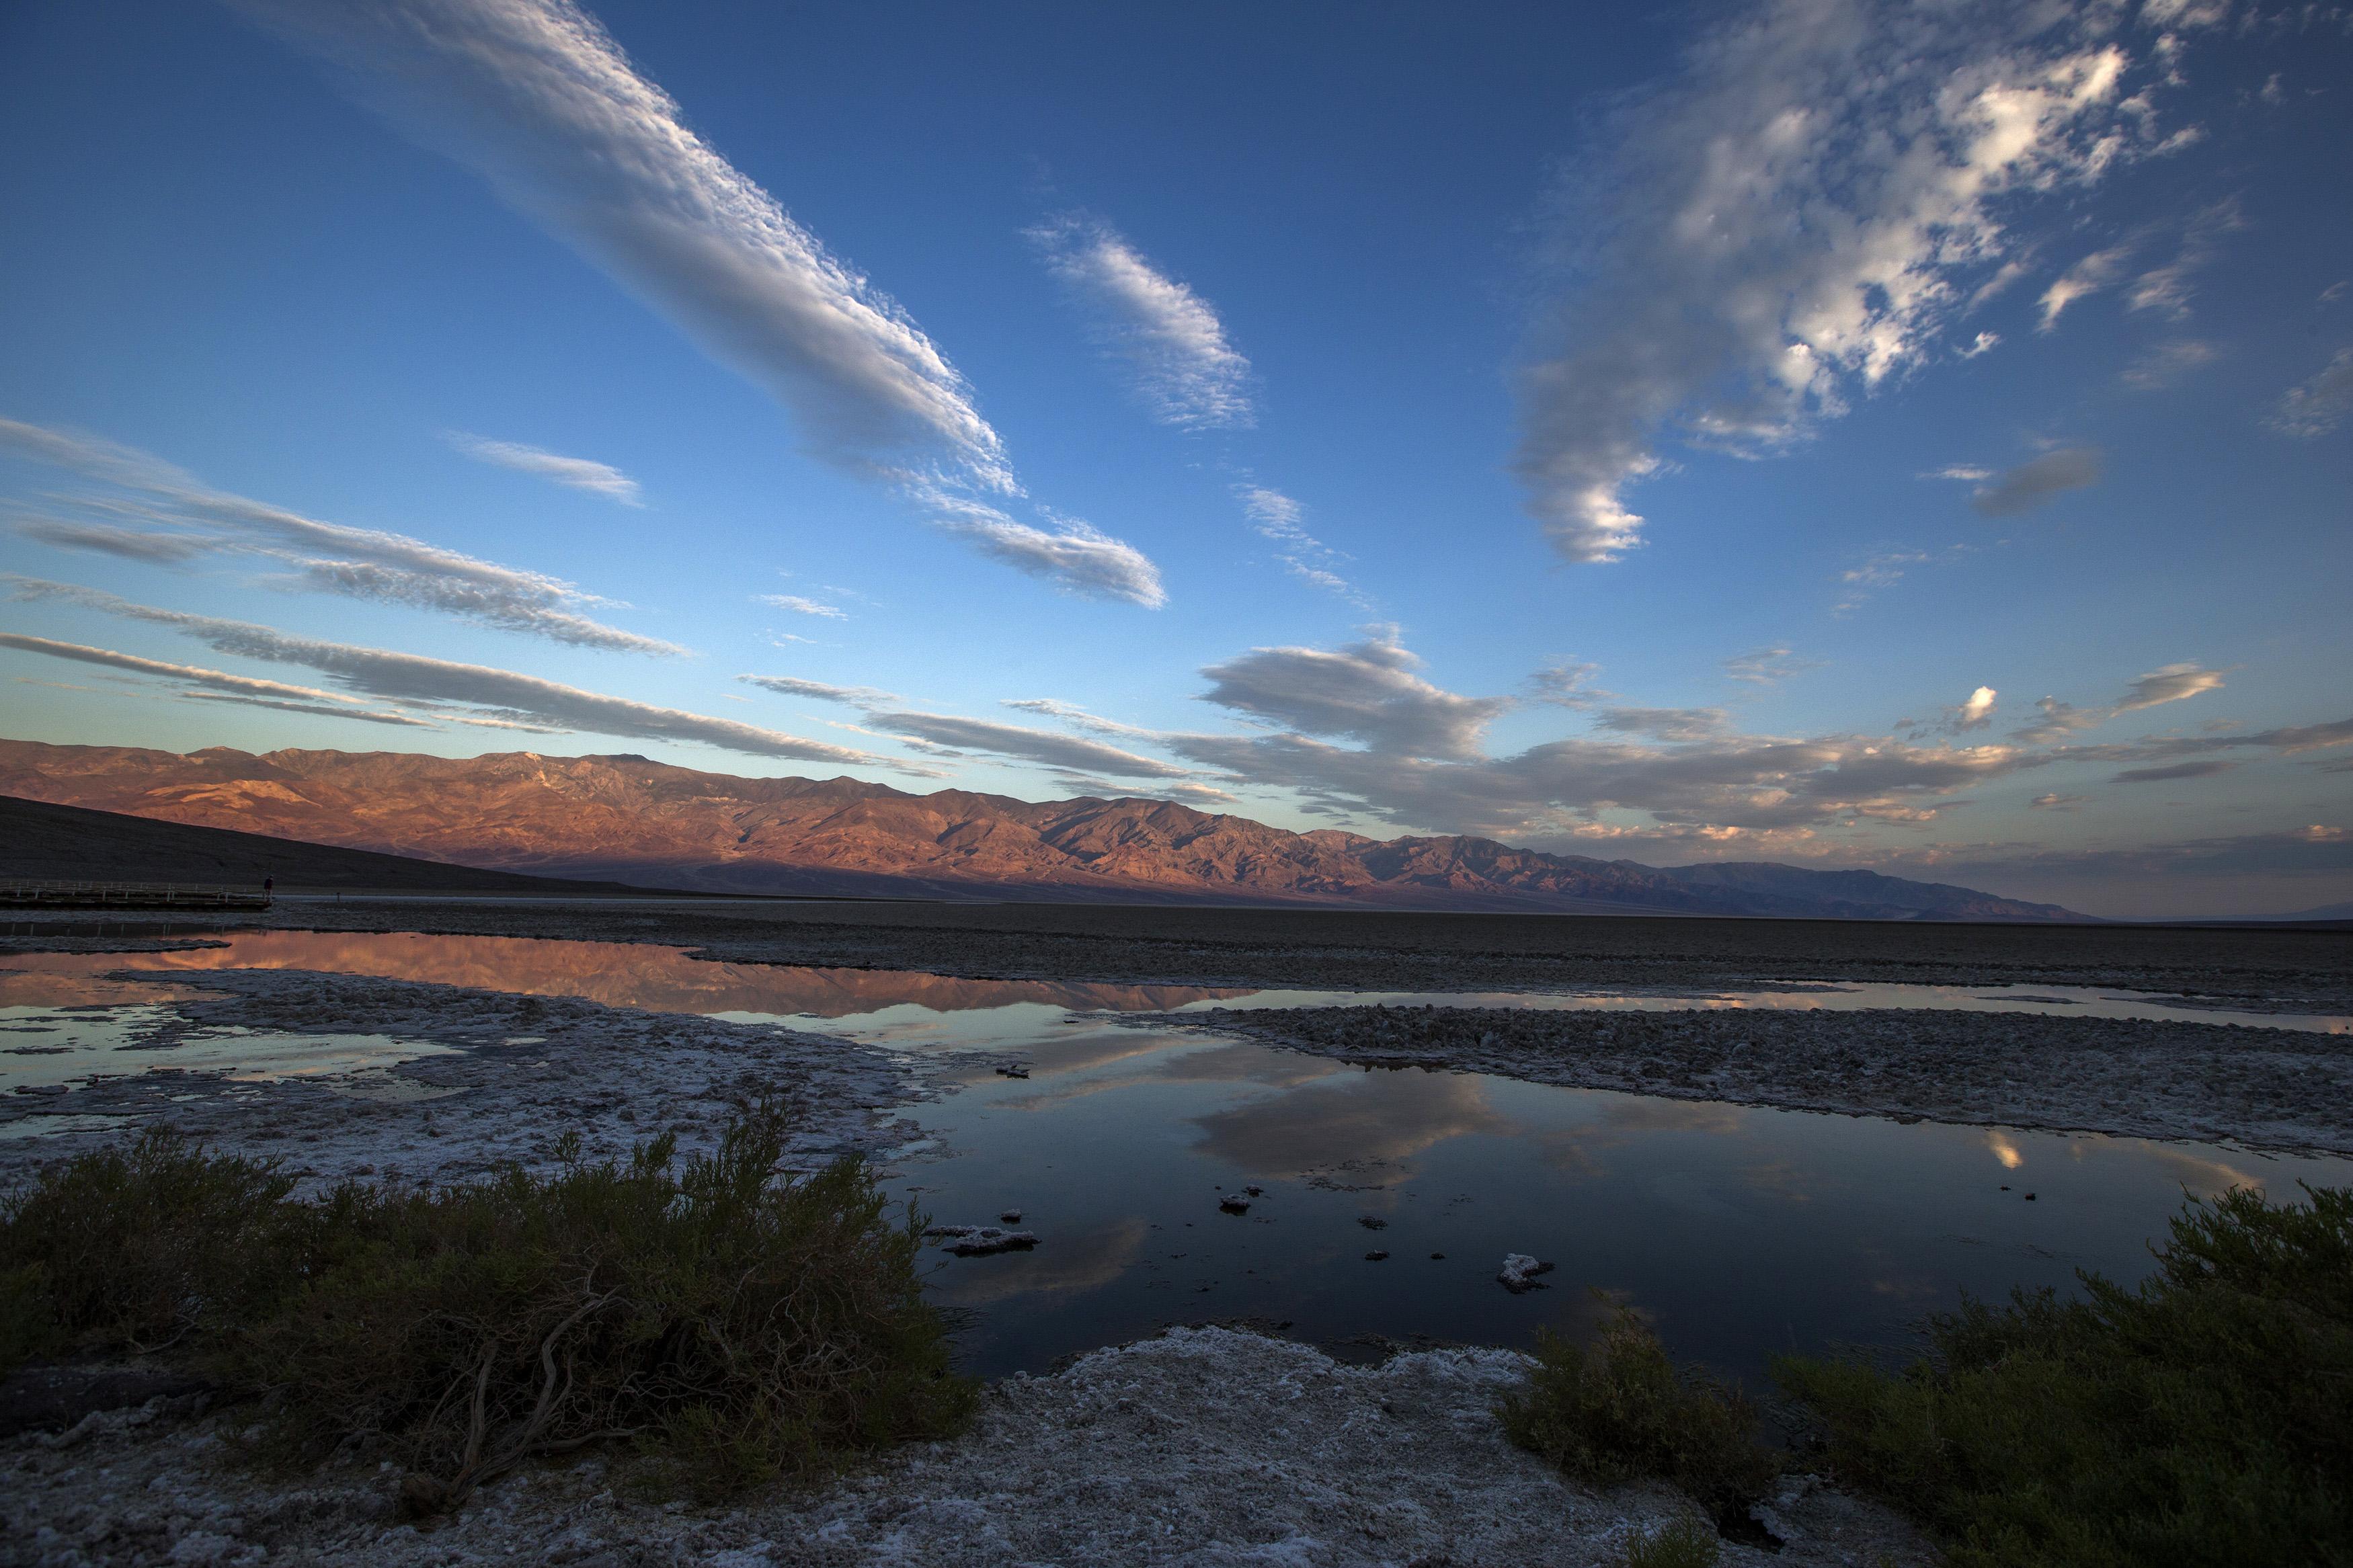 EUA, 15.7.2013. Nascer do sol em Badwater, no parque nacional de Death Valley (Vale da Morte), a mais baixa elevação do hemisfério ocidental (280m abaixo do nível da água do mar)